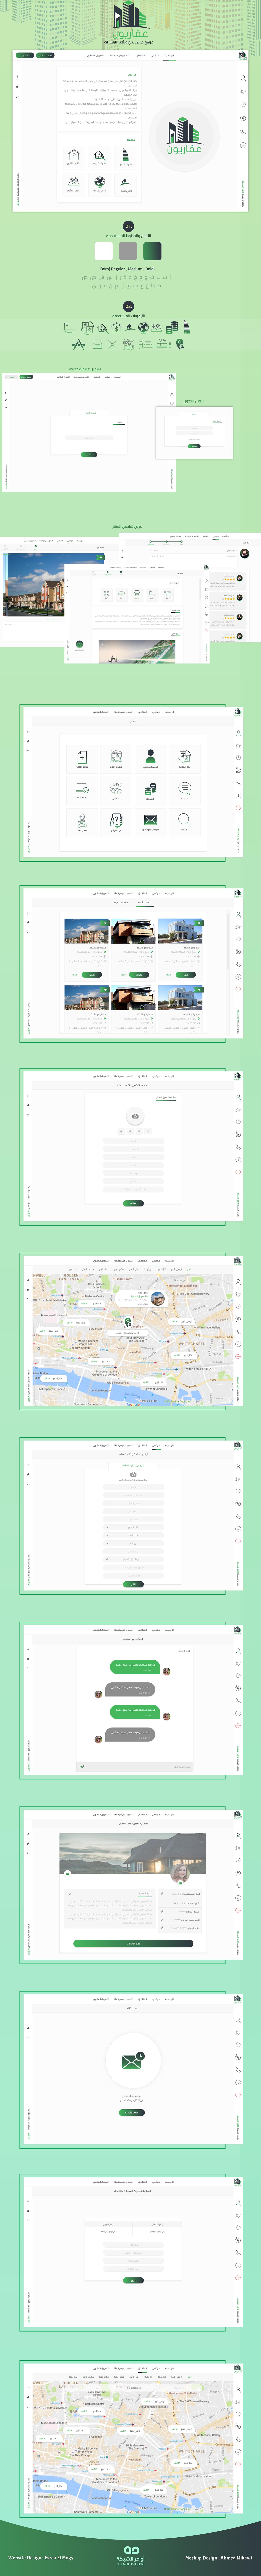 UI,ux,real estate,Website,عقار